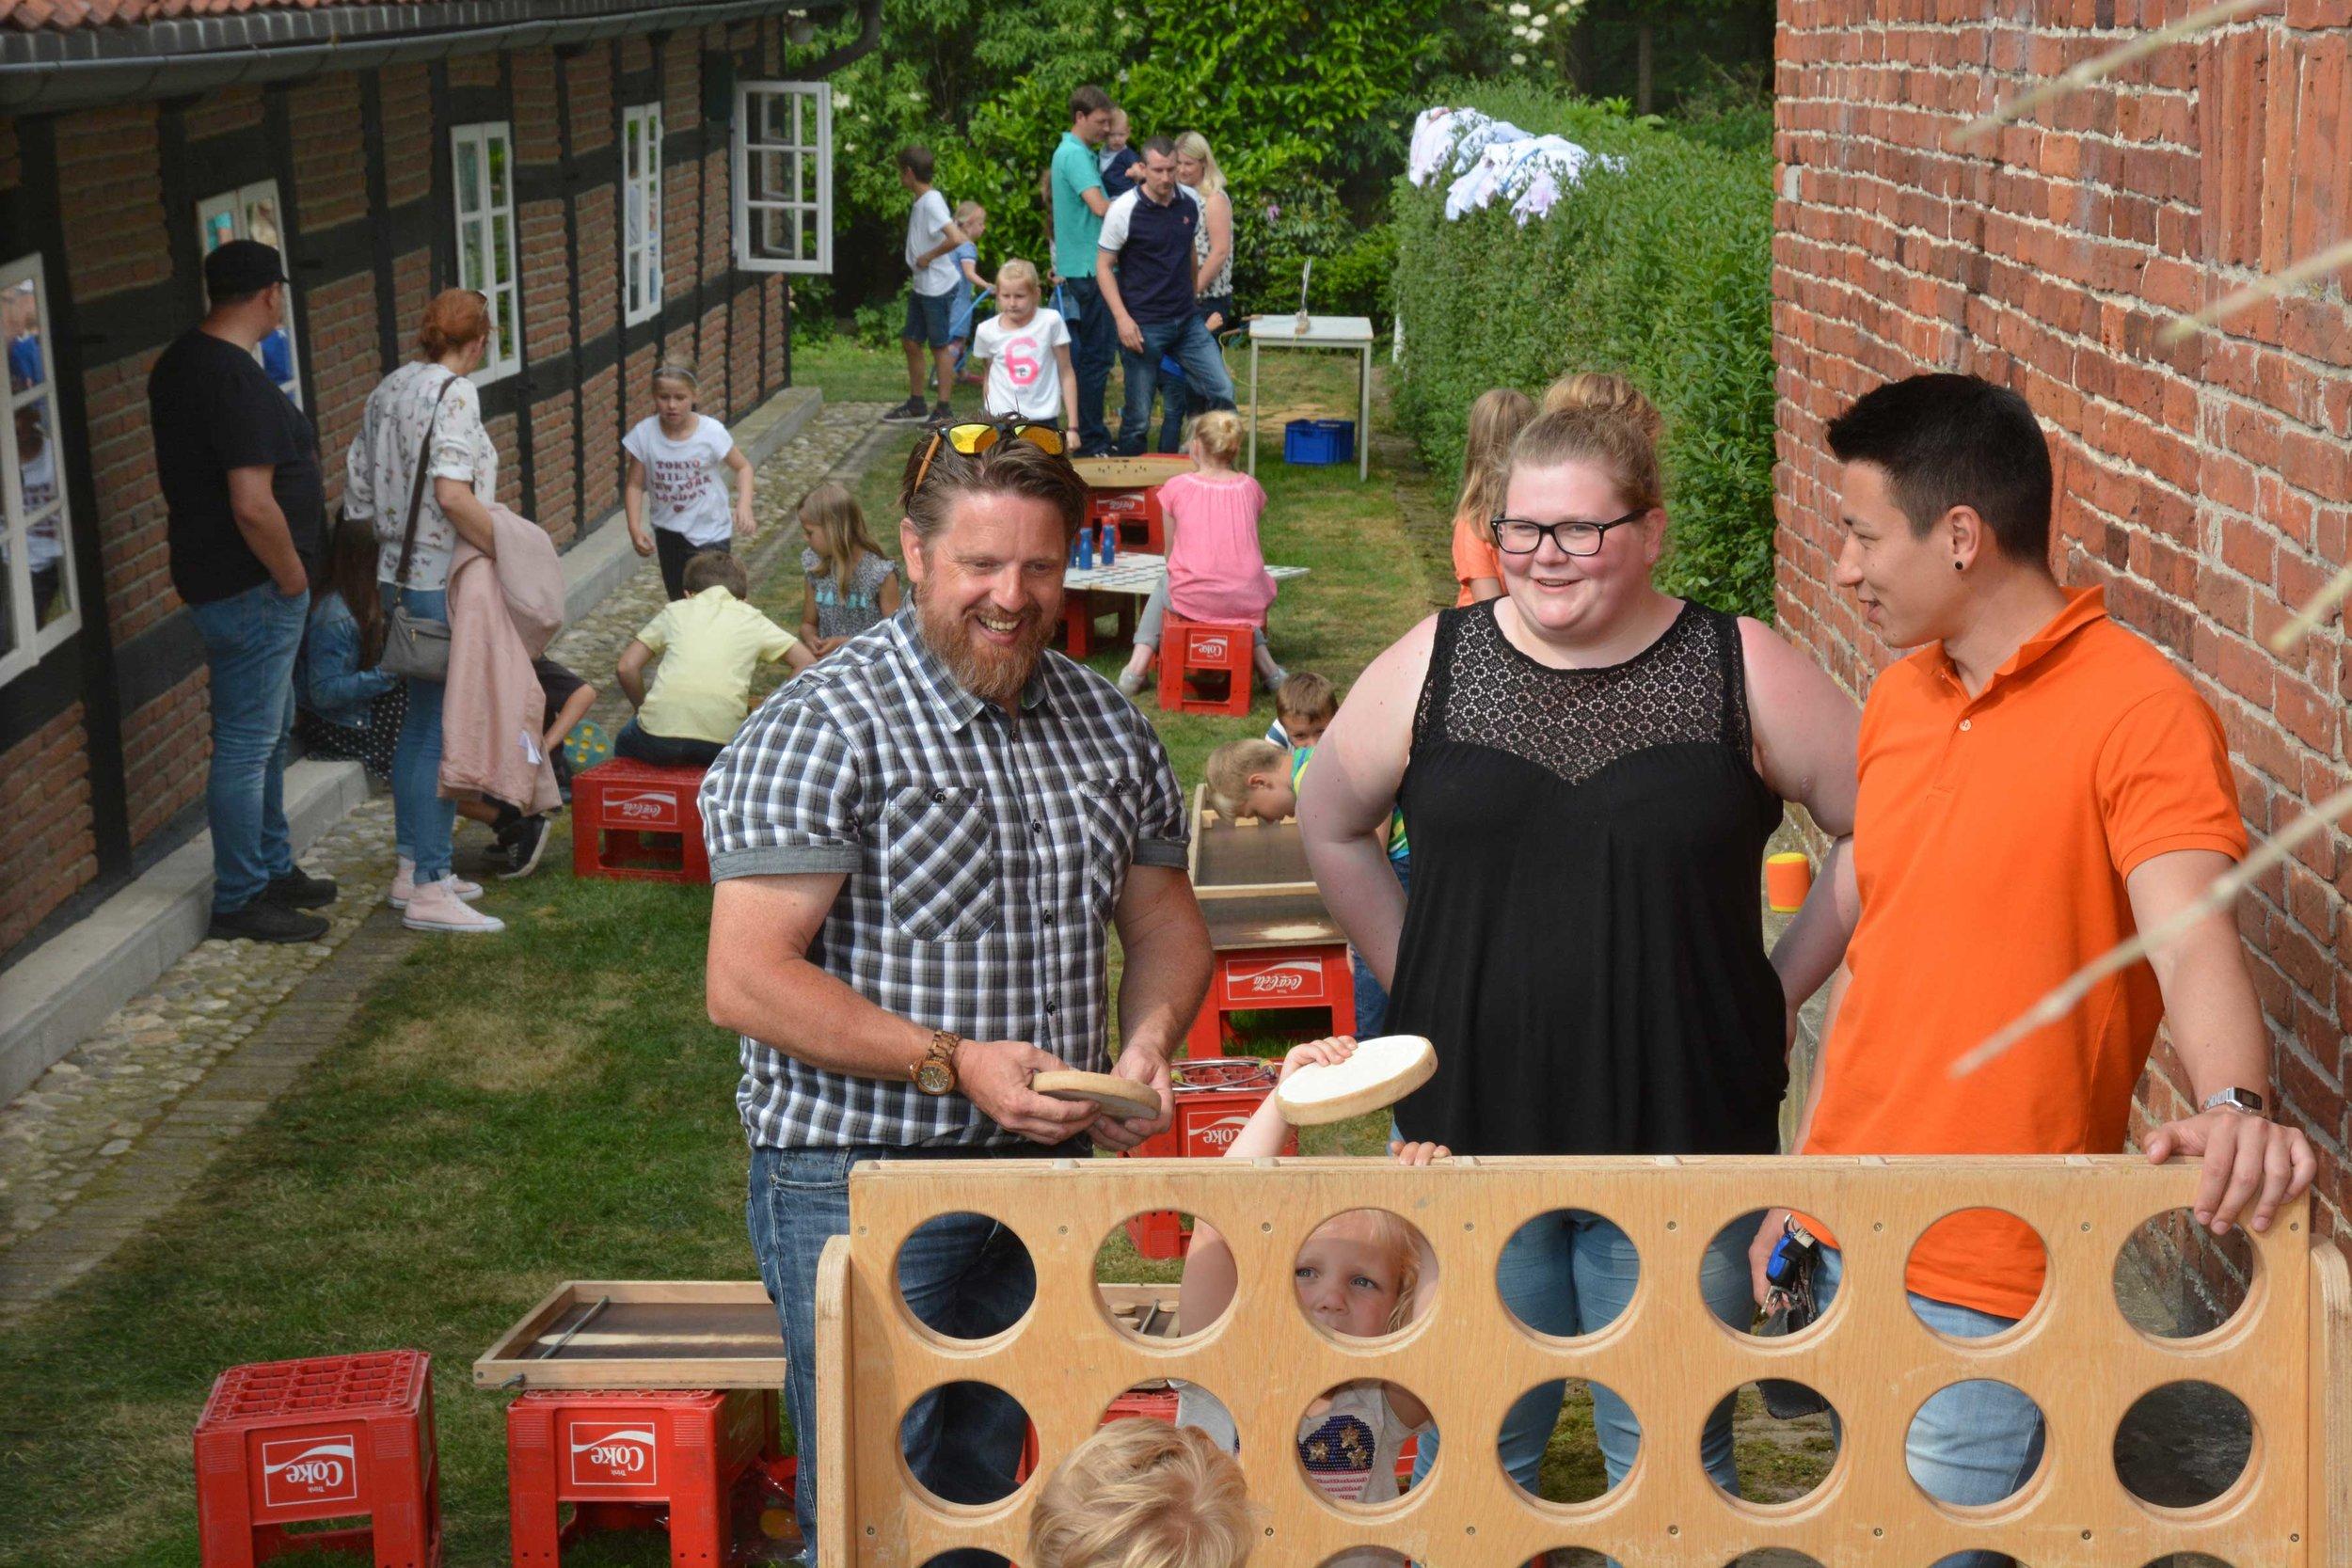 Das Team der Jugendpflege der Samtgemeinde bietet jungen Besuchern eine Fülle von Spielmöglichkeiten.